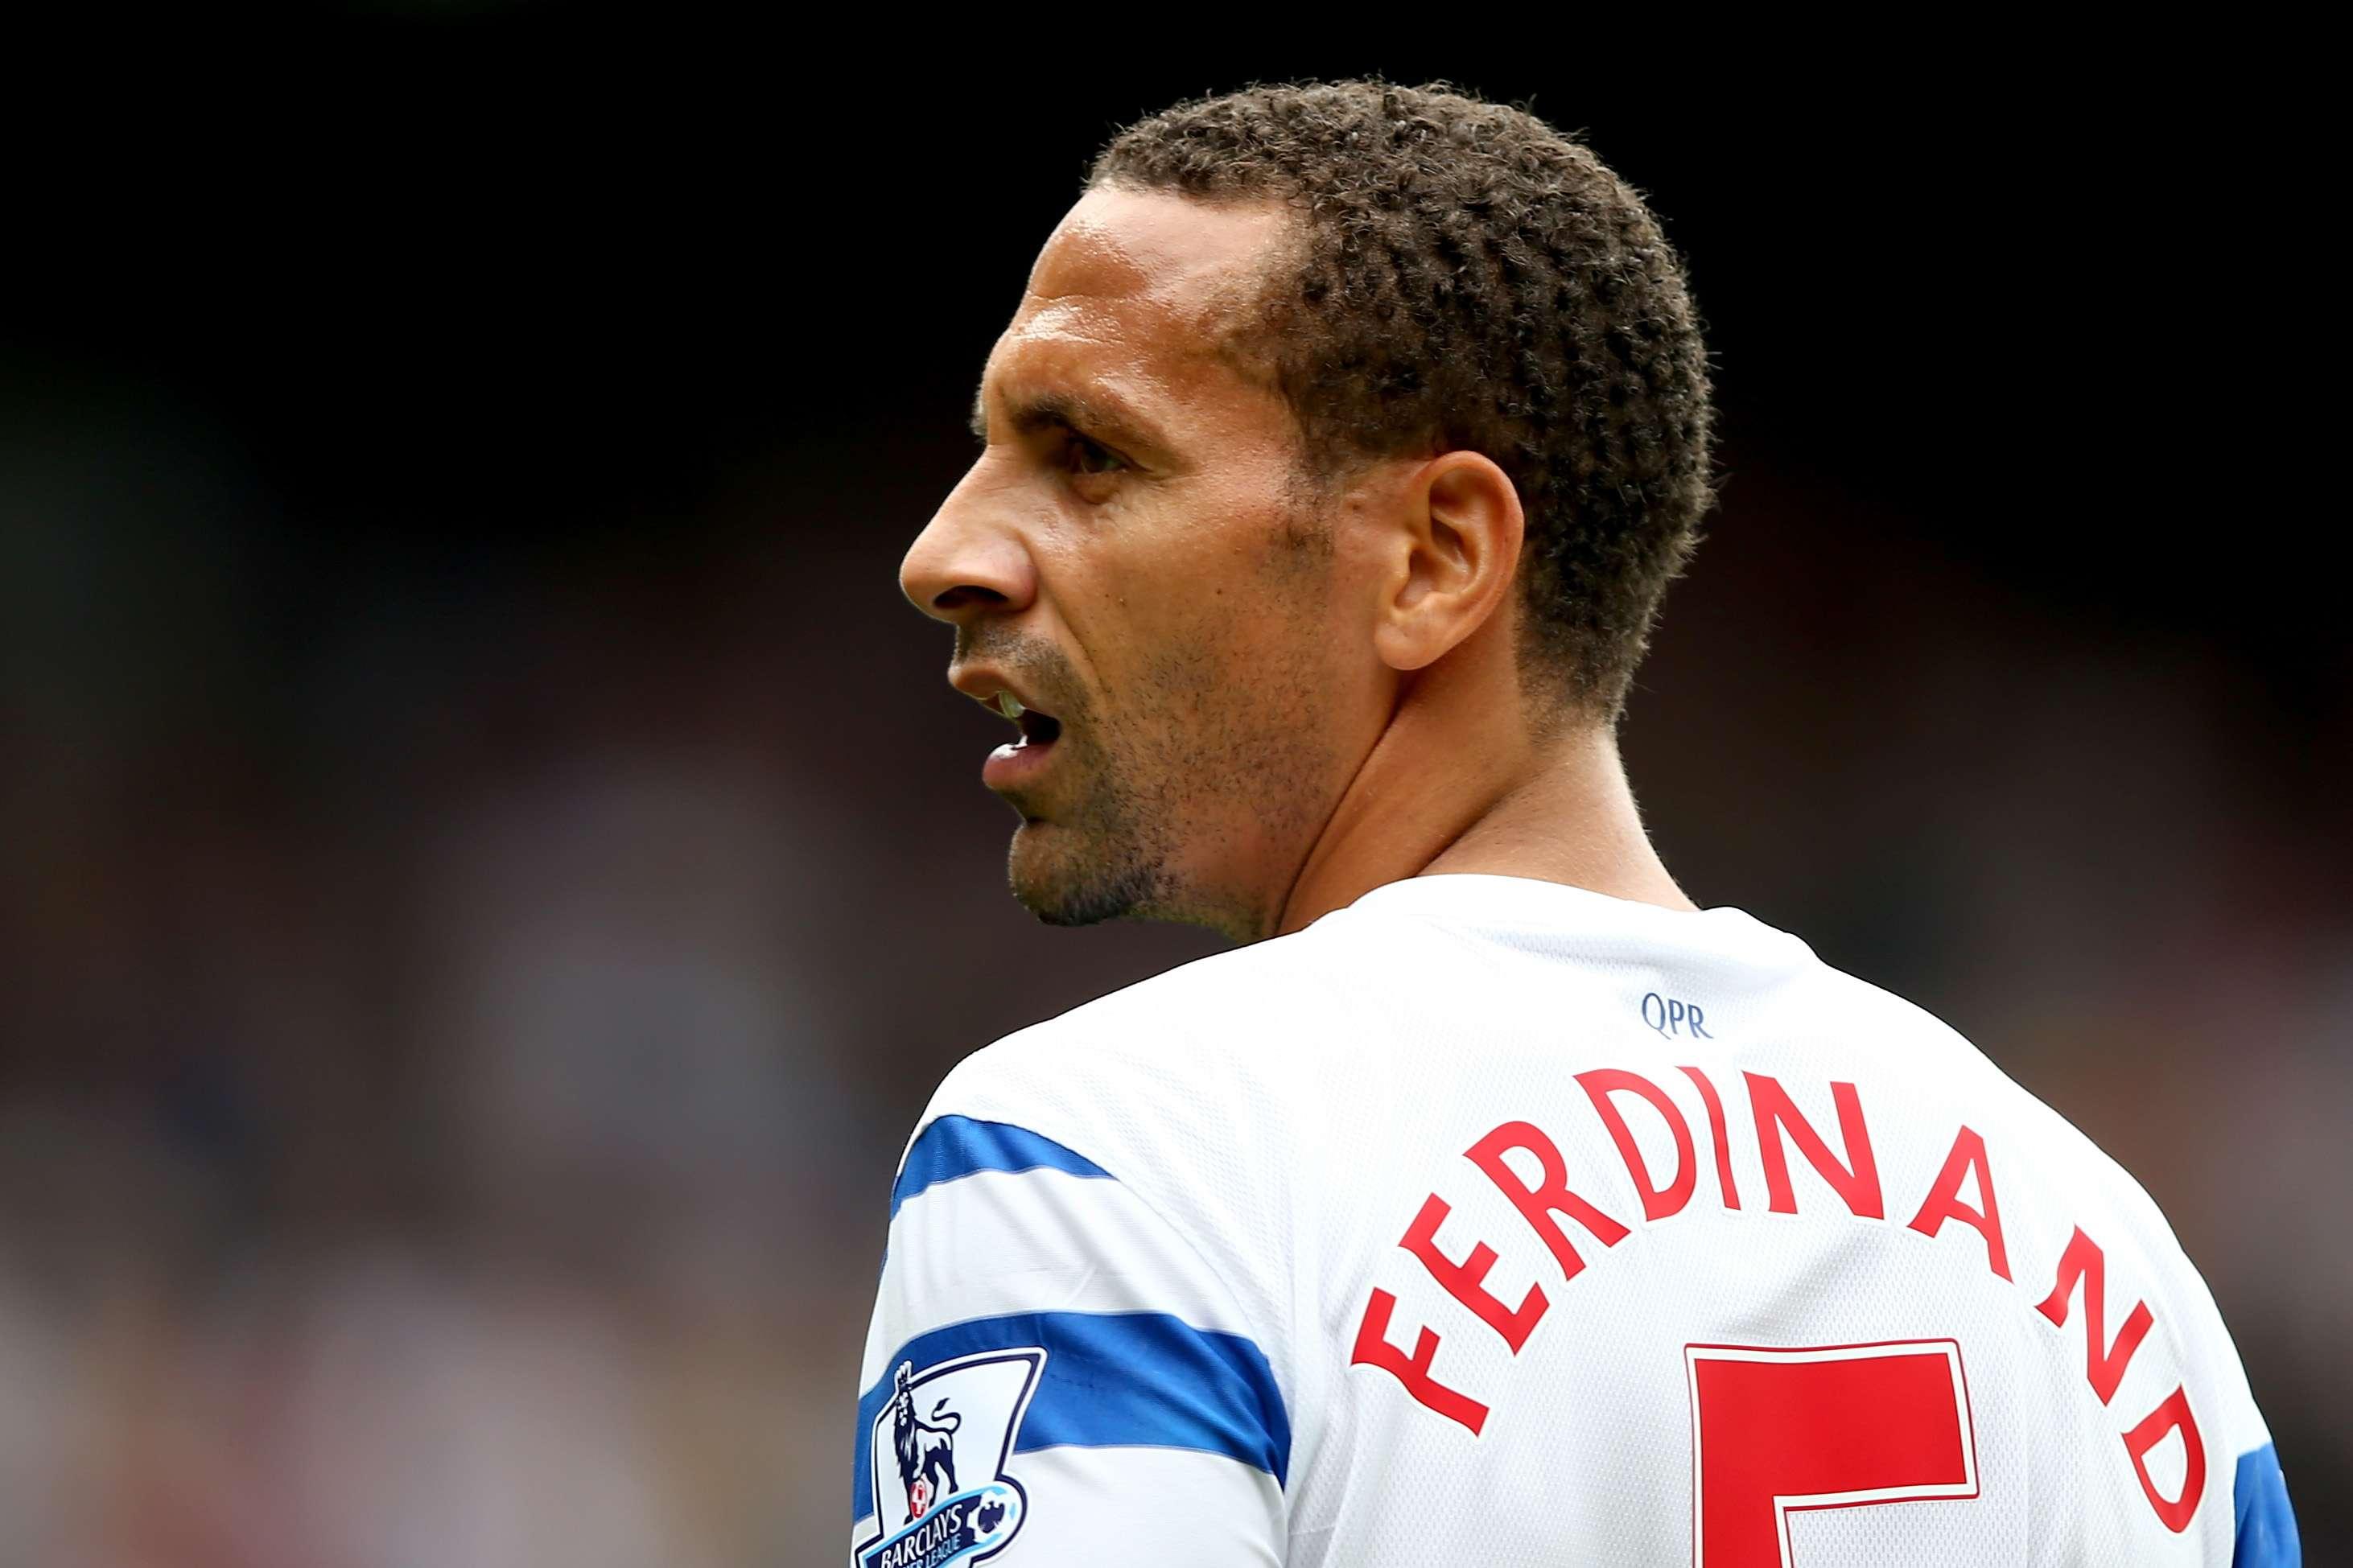 Ferdinand dirá adiós a las canchas. Foto: Getty Images